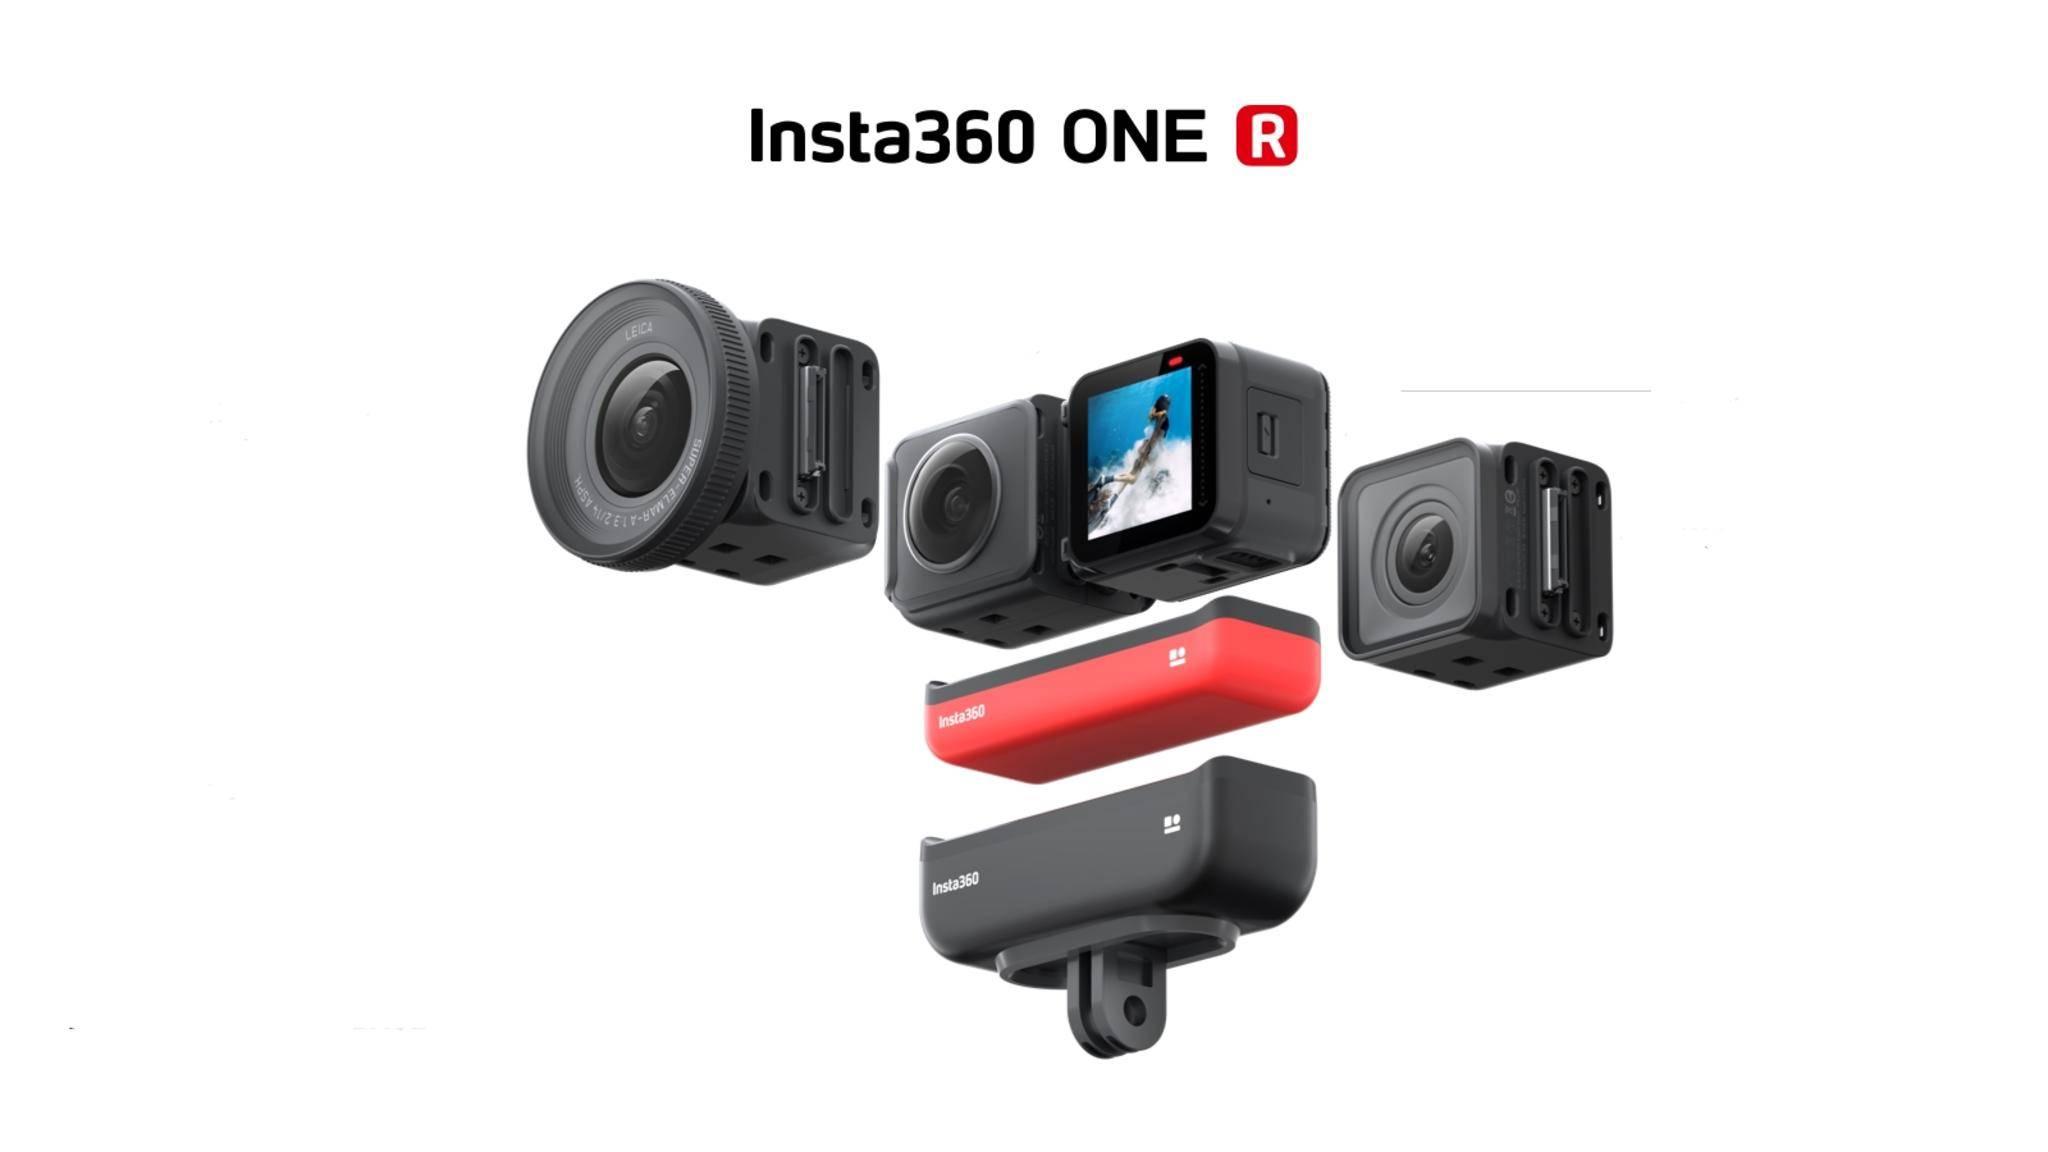 Die Insta360 One R ist eine modulare Mini-Kamera.